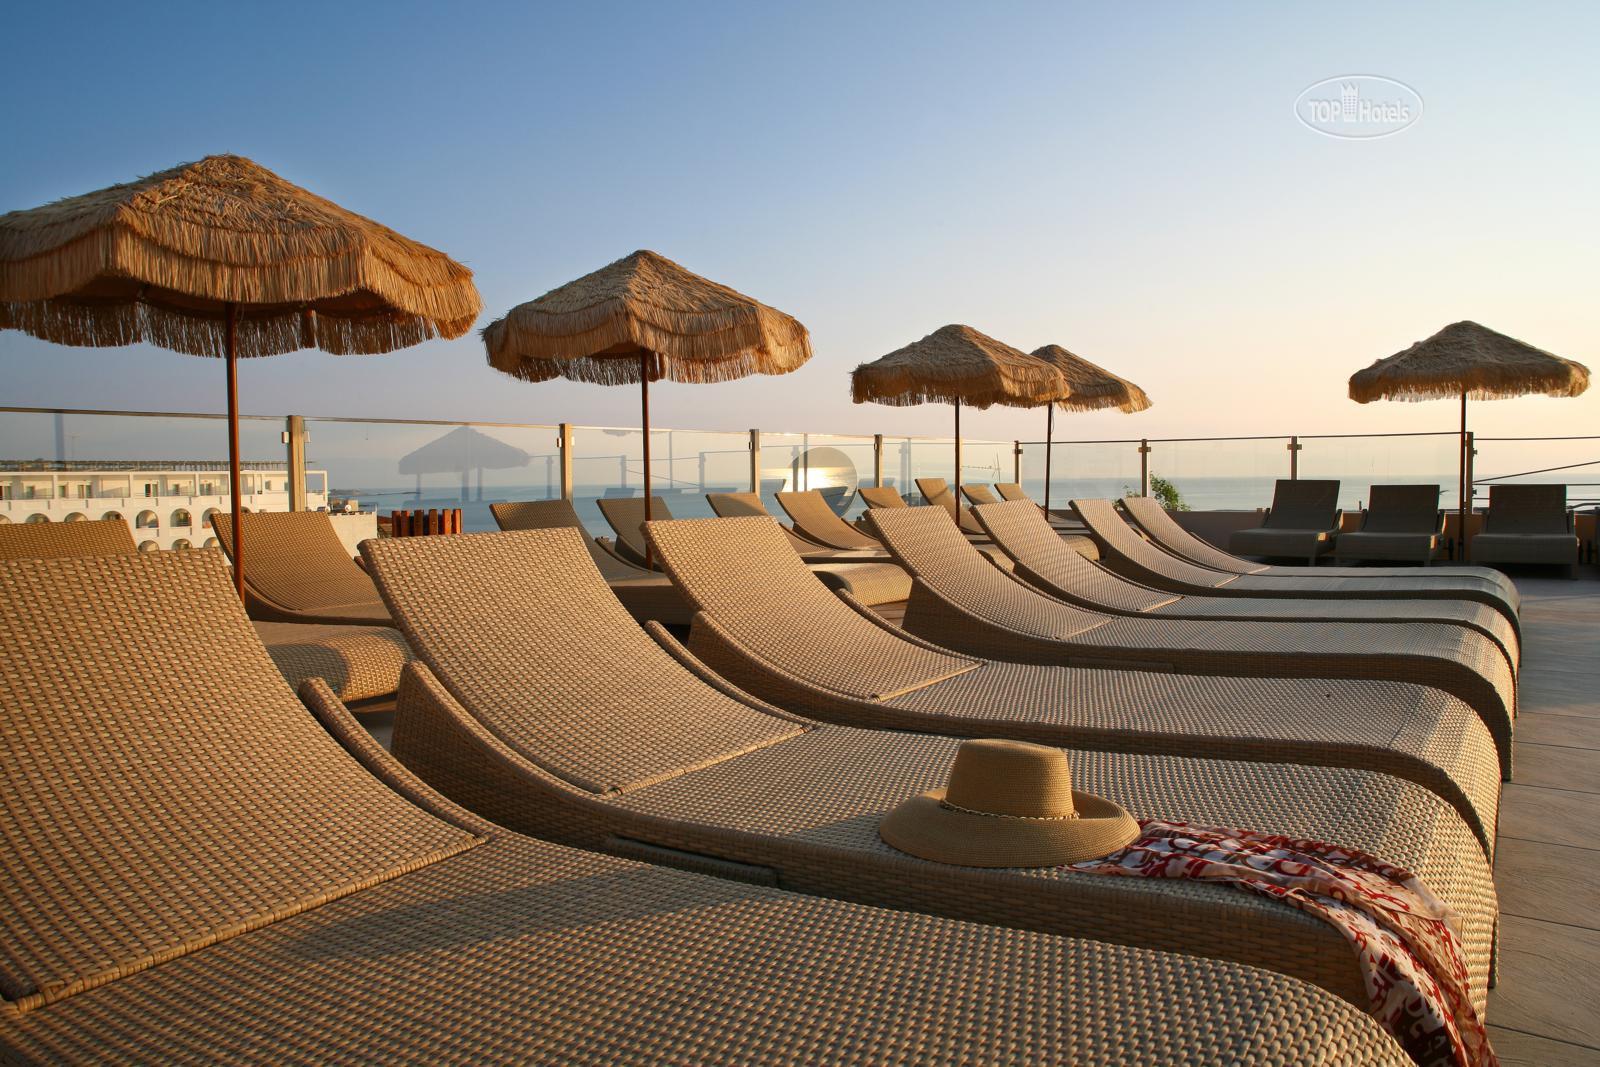 Пляж golden beach крит фото